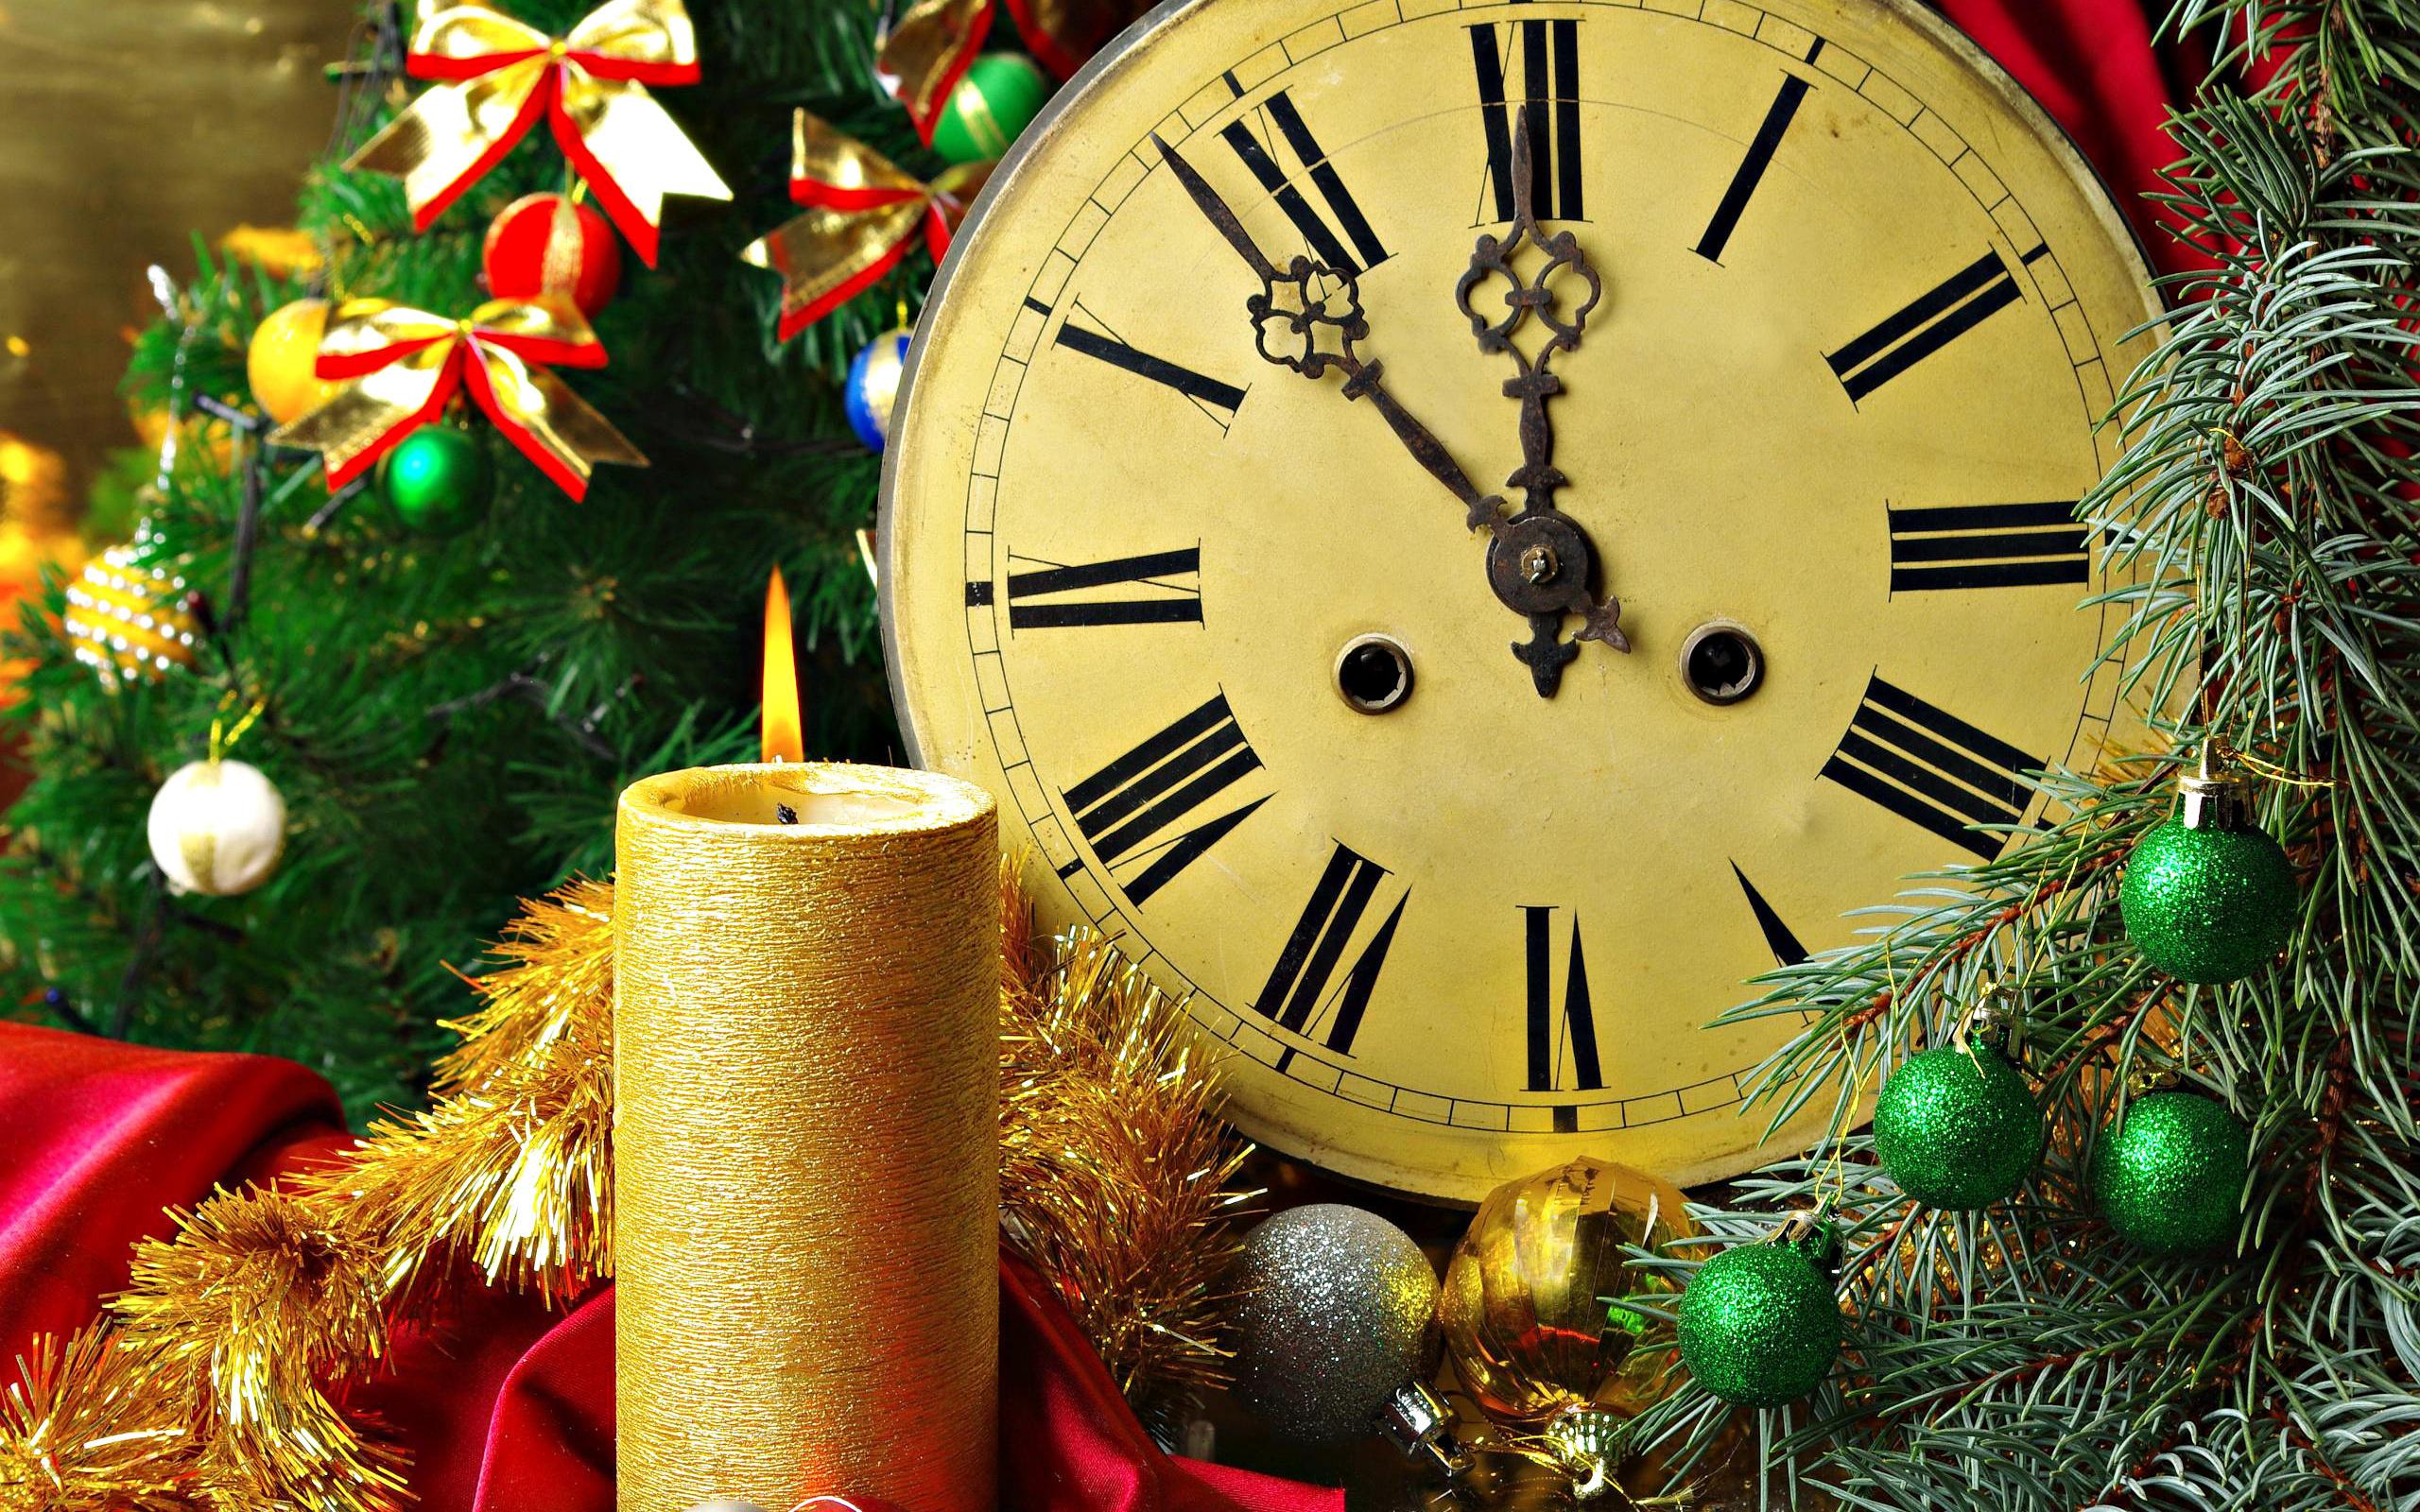 Картинка на часы новый год